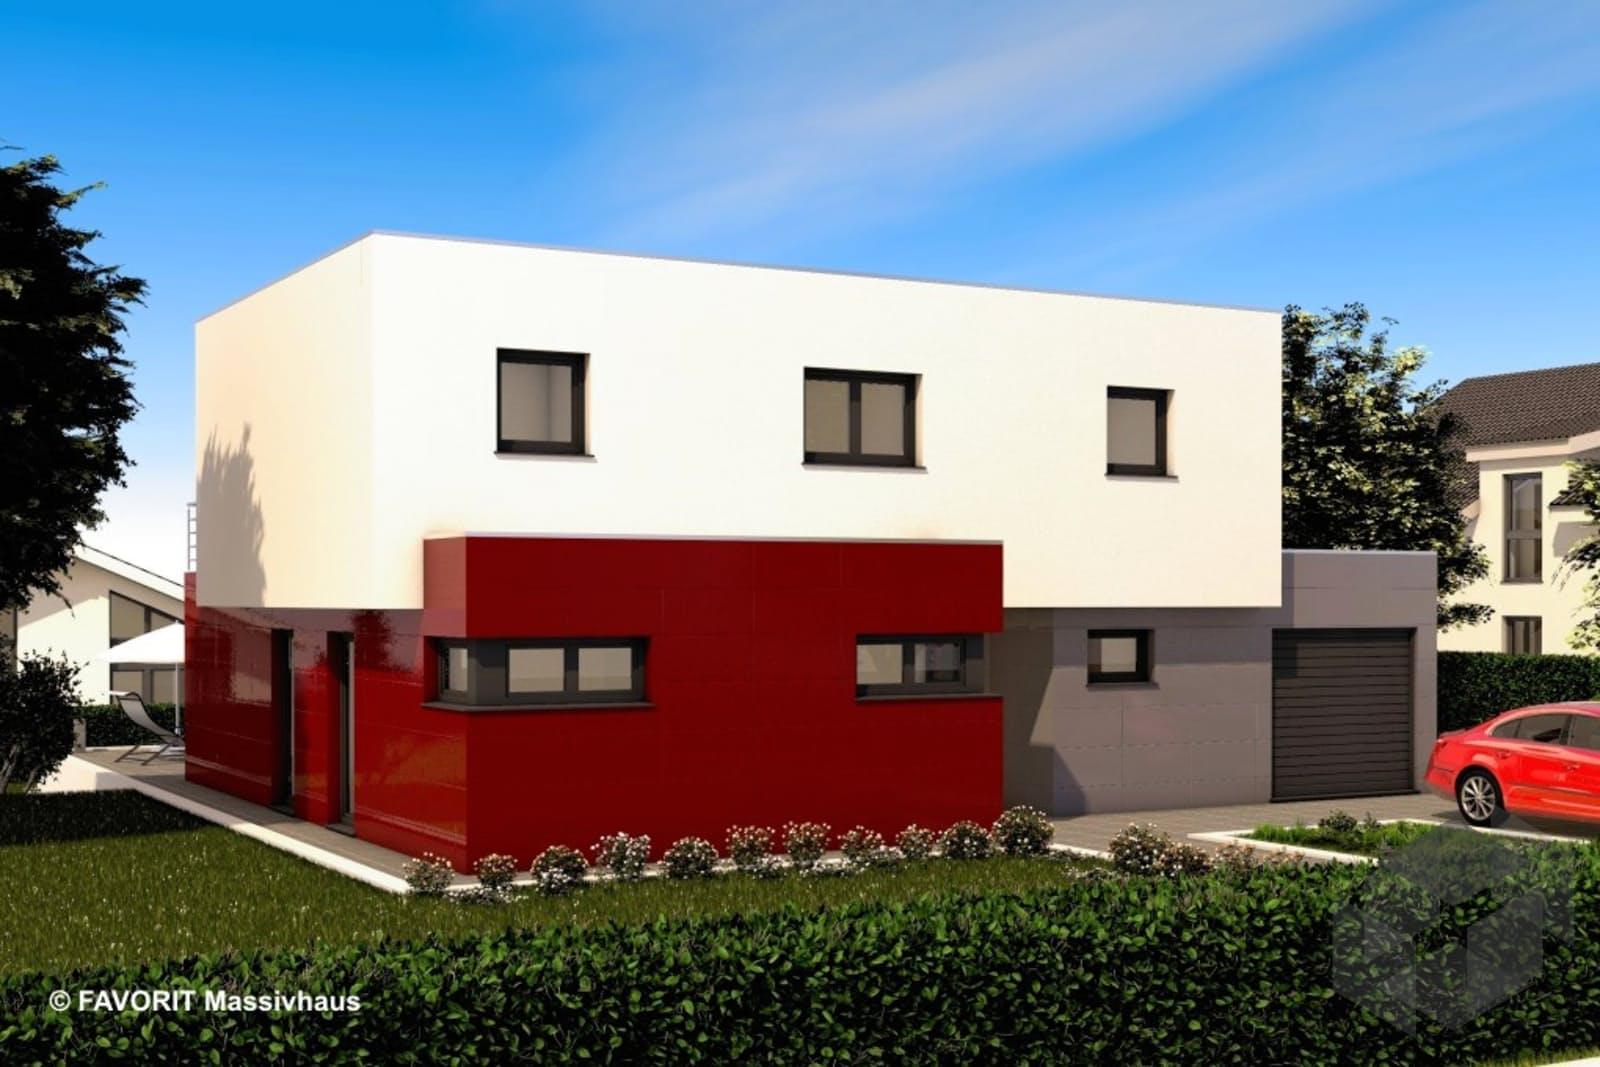 concept design 162 von favorit massivhaus komplette daten bersicht. Black Bedroom Furniture Sets. Home Design Ideas